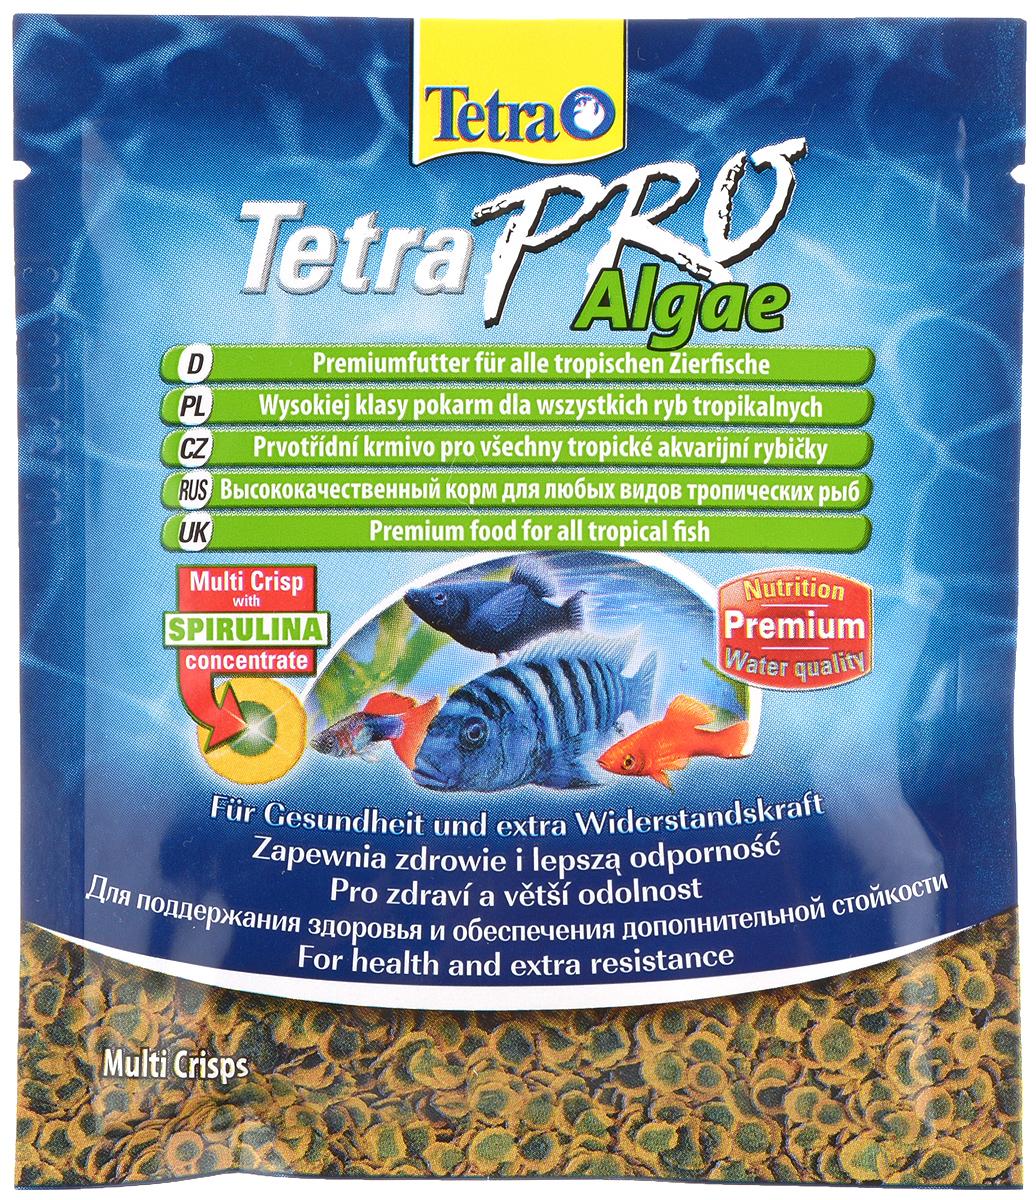 Корм Tetra TetraPro. Algae для всех видов тропических рыб, чипсы, 12 г0120710Полноценный высококачественный корм Tetra TetraPro. Algae для всех видов тропических рыб разработан для поддержания здоровья и придания дополнительной стойкости. Особенности Tetra TetraPro. Algae: - щадящая низкотемпературная технология изготовления для высокой питательной ценности и стабильности витаминов;- концентрат спирулина для повышения сопротивляемости организма;- инновационная форма чипсов для минимального загрязнения воды;- идеально подходит для растительноядных рыб;- легкое кормление. Рекомендации по кормлению: кормить несколько раз в день маленькими порциями.Состав: рыба и побочные рыбные продукты, зерновые культуры, экстракты растительного белка, дрожжи, моллюски и раки, масла и жиры, водоросли (спирулина 1%).Аналитические компоненты: сырой белок - 46%, сырые масла и жиры - 12%, сырая клетчатка - 3%, влага - 9%.Добавки: витамины, провитамины и химические вещества с аналогичным воздействием, витамин А 29810 МЕ/кг, витамин Д3 1860 МЕ/кг, Л-карнитин 123 мг/кг. Комбинации элементов: Е5 Марганец 67 мг/кг, Е6 Цинк 40 мг/кг, Е1 Железо 26 мг/кг. Красители, консерванты, антиоксиданты.Товар сертифицирован.